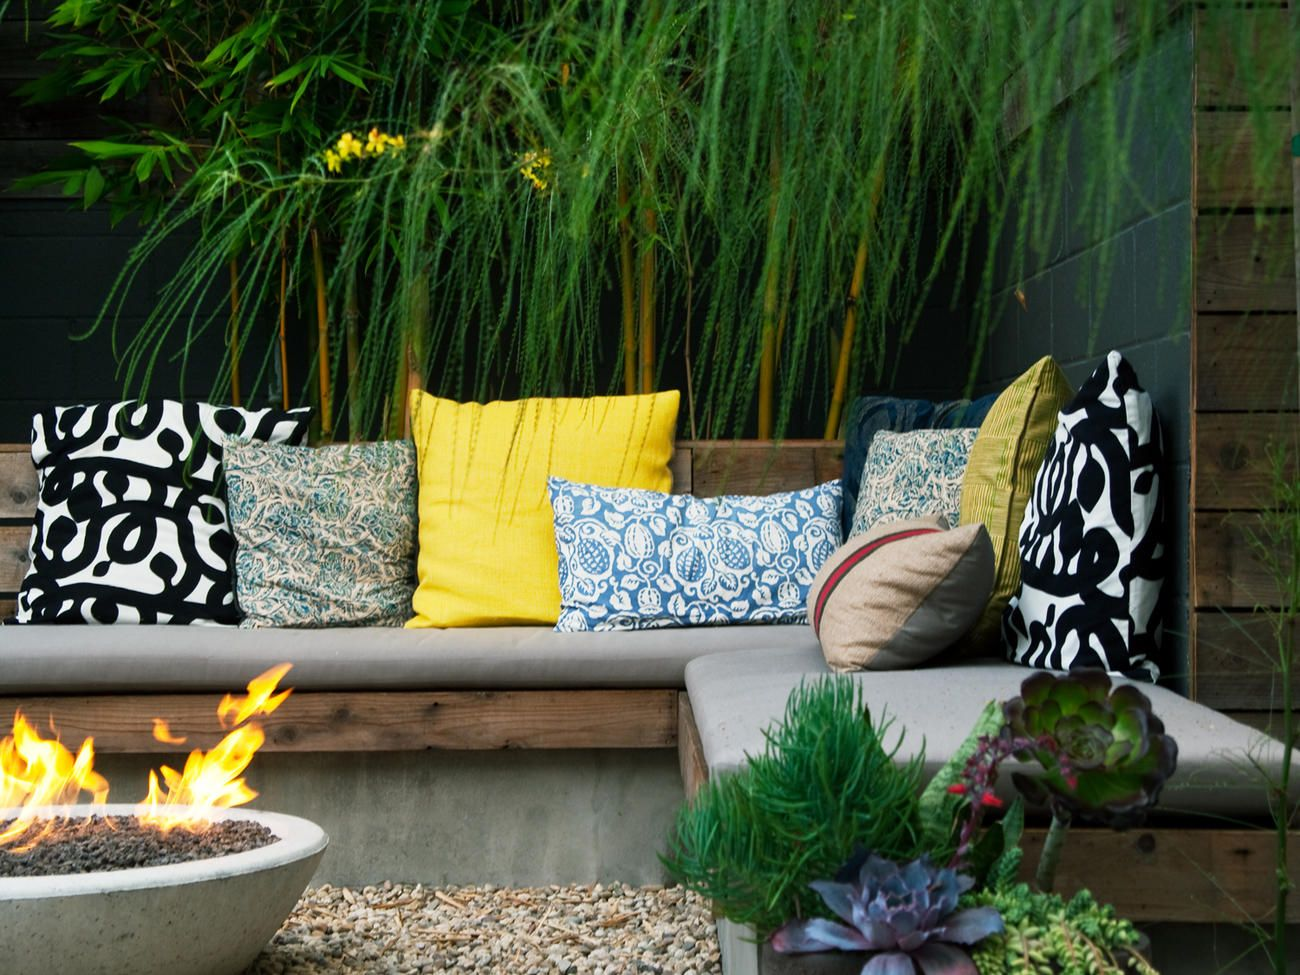 backyard design guide projeto jorge pinterest garten garten ideen und hinterhof. Black Bedroom Furniture Sets. Home Design Ideas